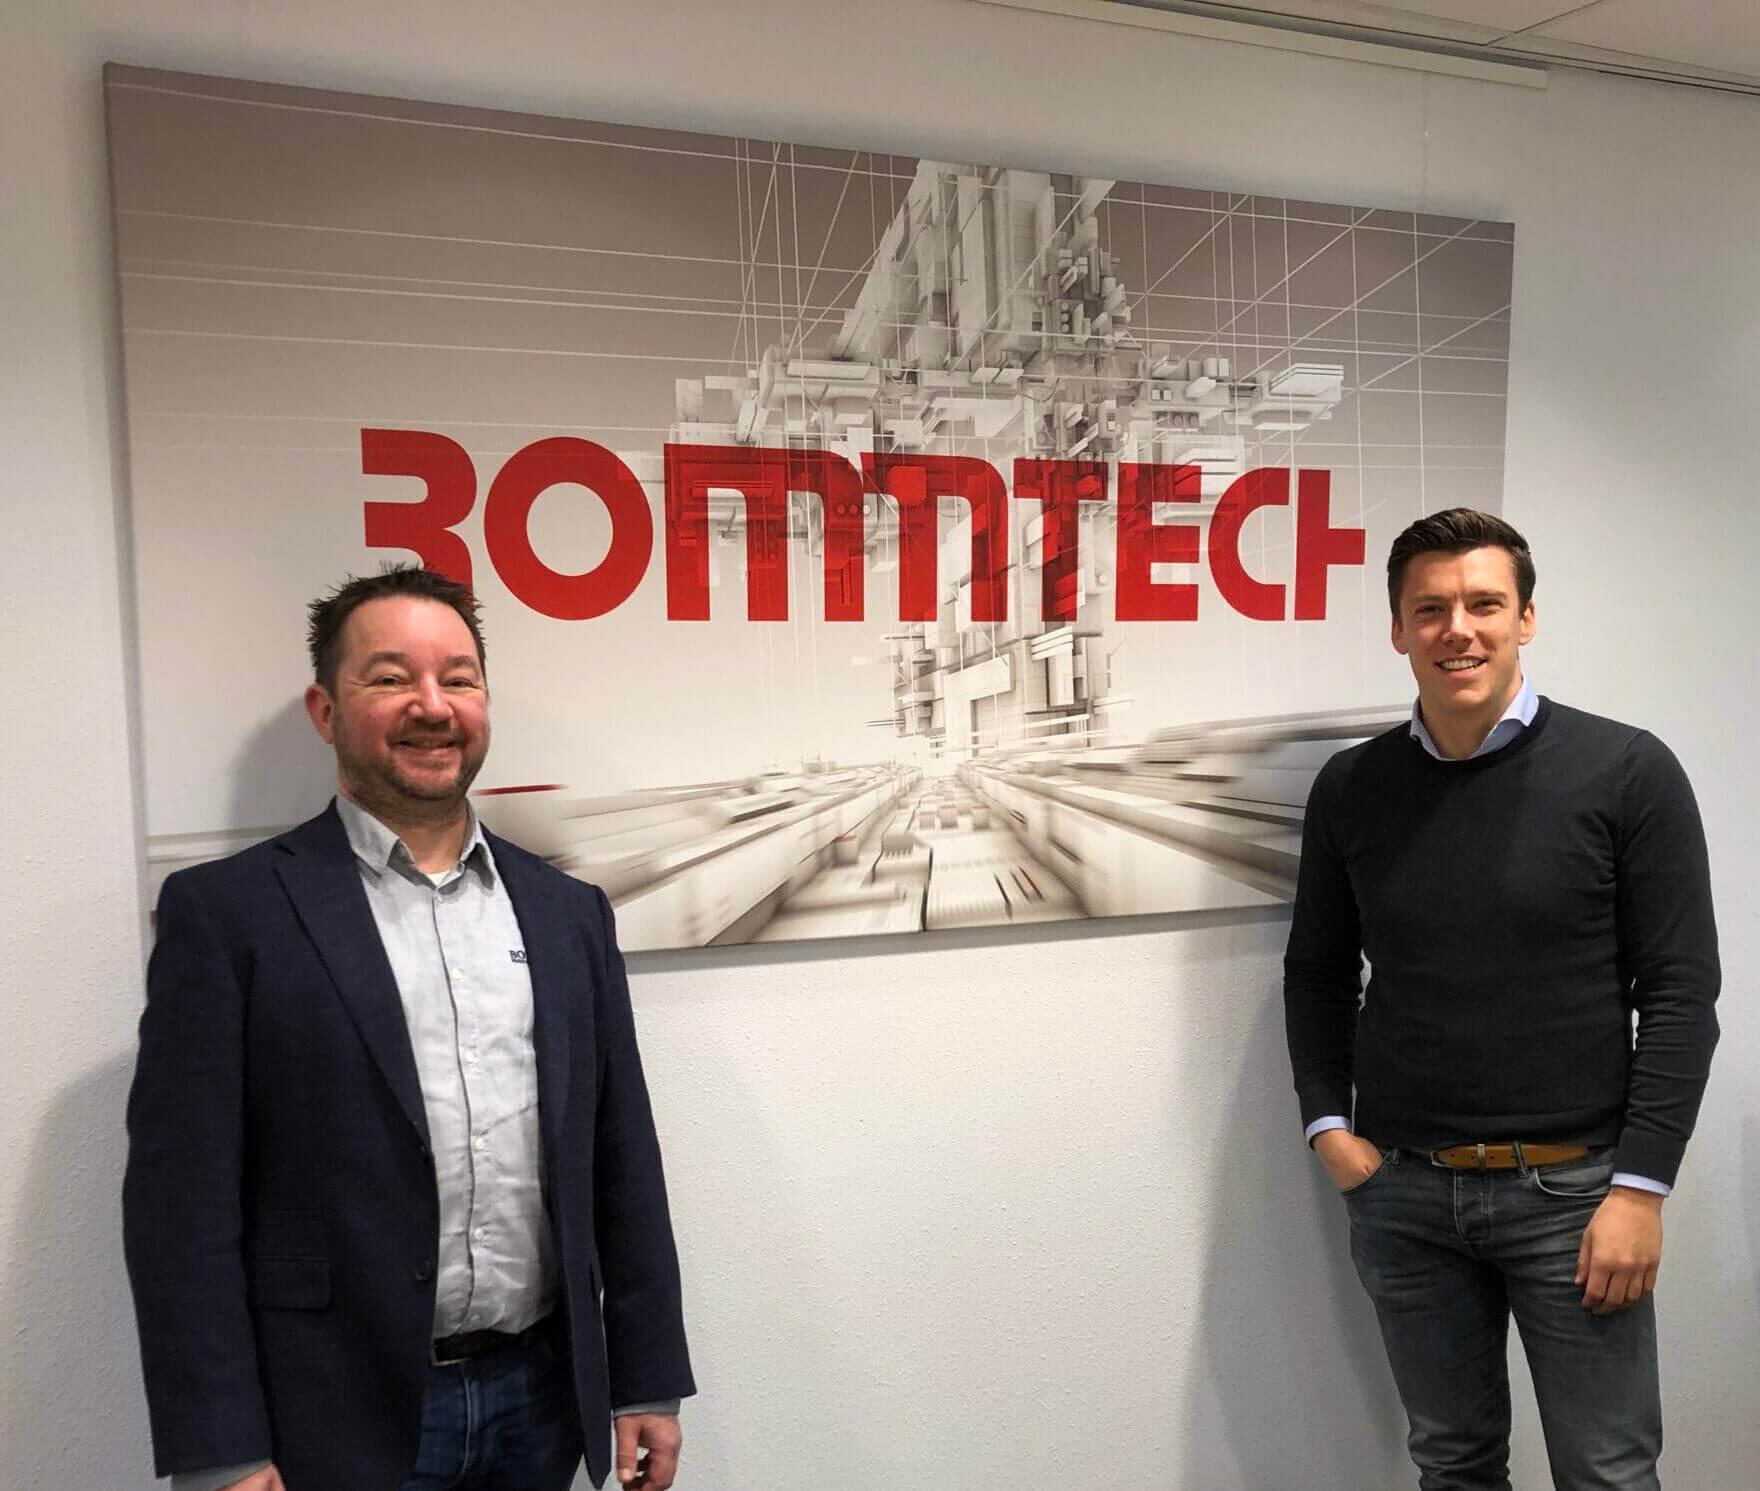 Maarten (ITCOMS) op de foto met Erik Rommens (Rommtech)